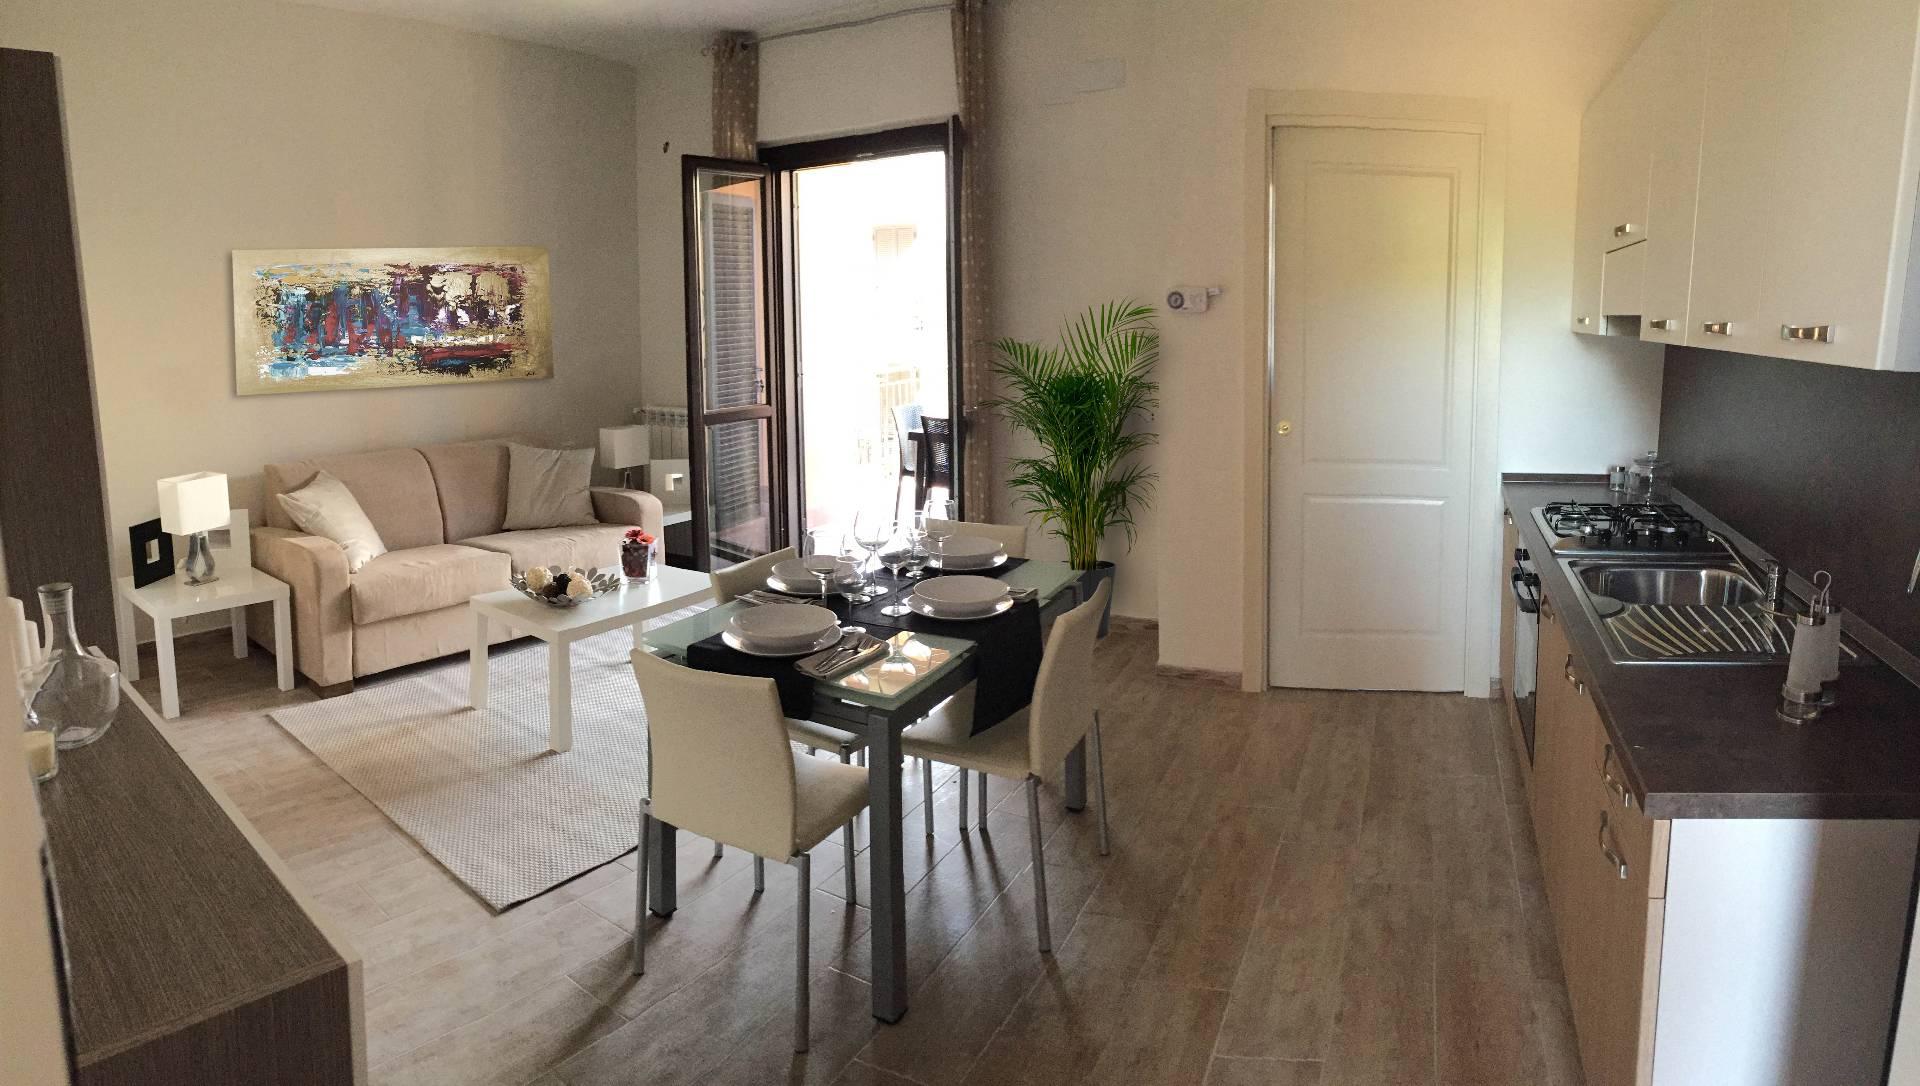 Appartamento in affitto a Fonte Nuova, 1 locali, zona Località: TorLupara, Trattative riservate | Cambio Casa.it